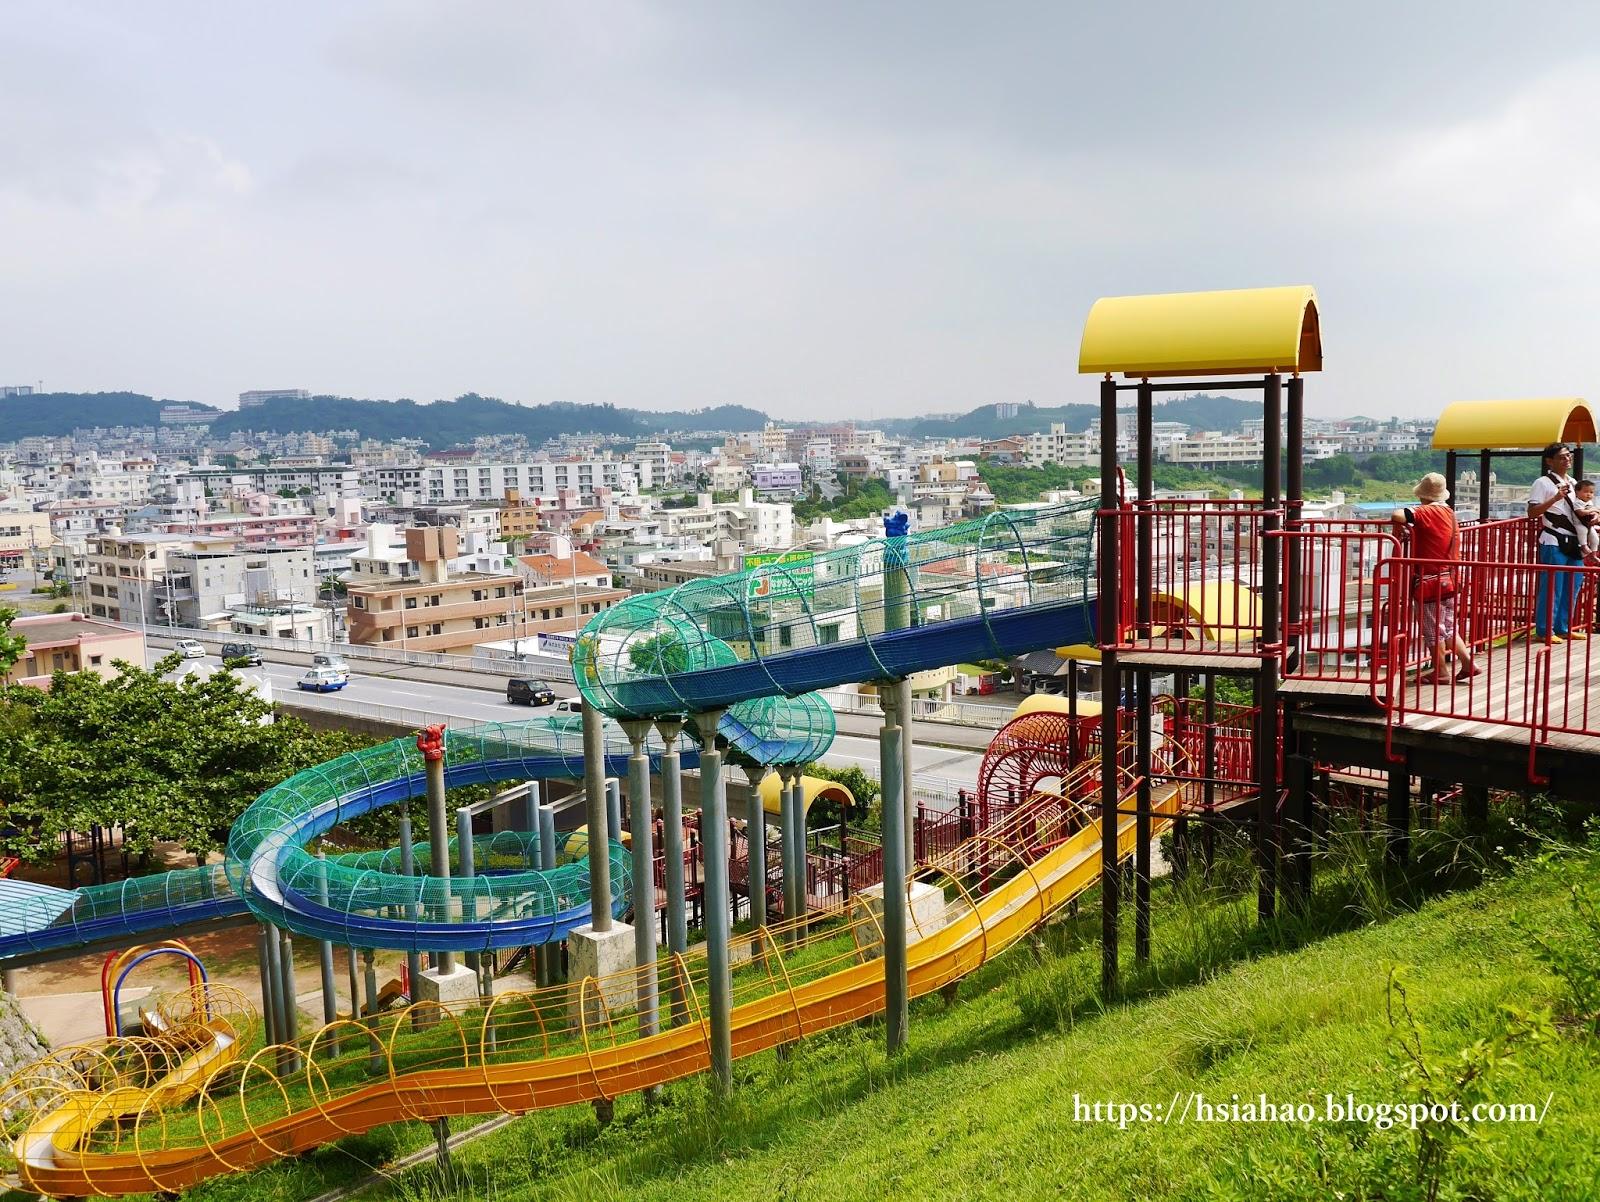 沖繩-那霸-景點-海軍壕公園-超長溜滑梯-浦添大公園-自由行-旅遊-Okinawa-Naha-kaigungou